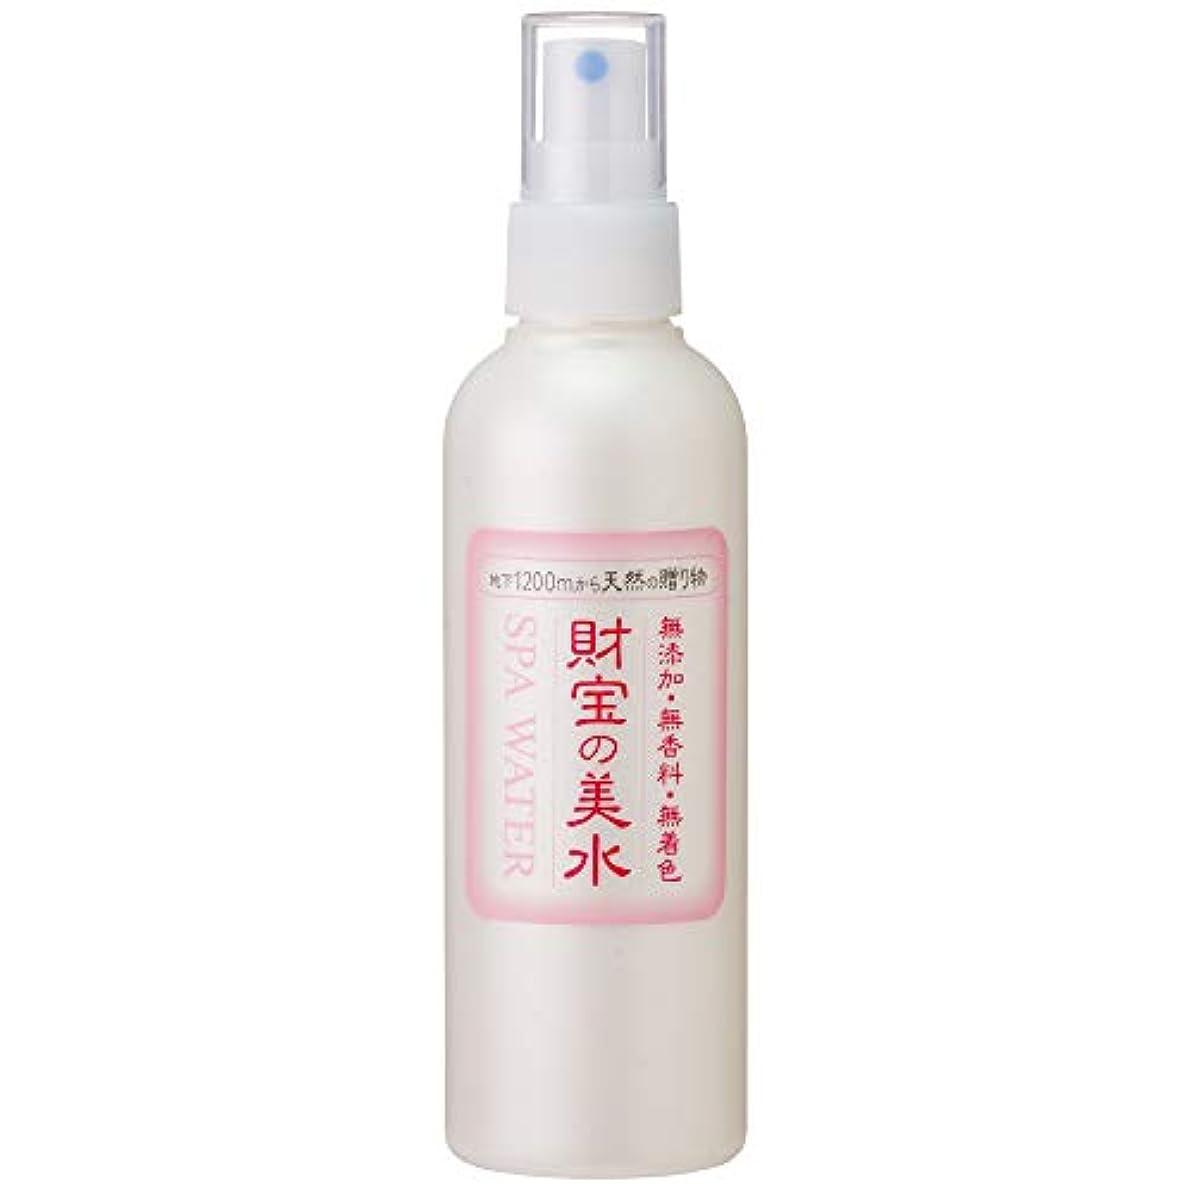 ページ潮和らげる財宝 温泉 美水 ミスト 化粧水 200ml